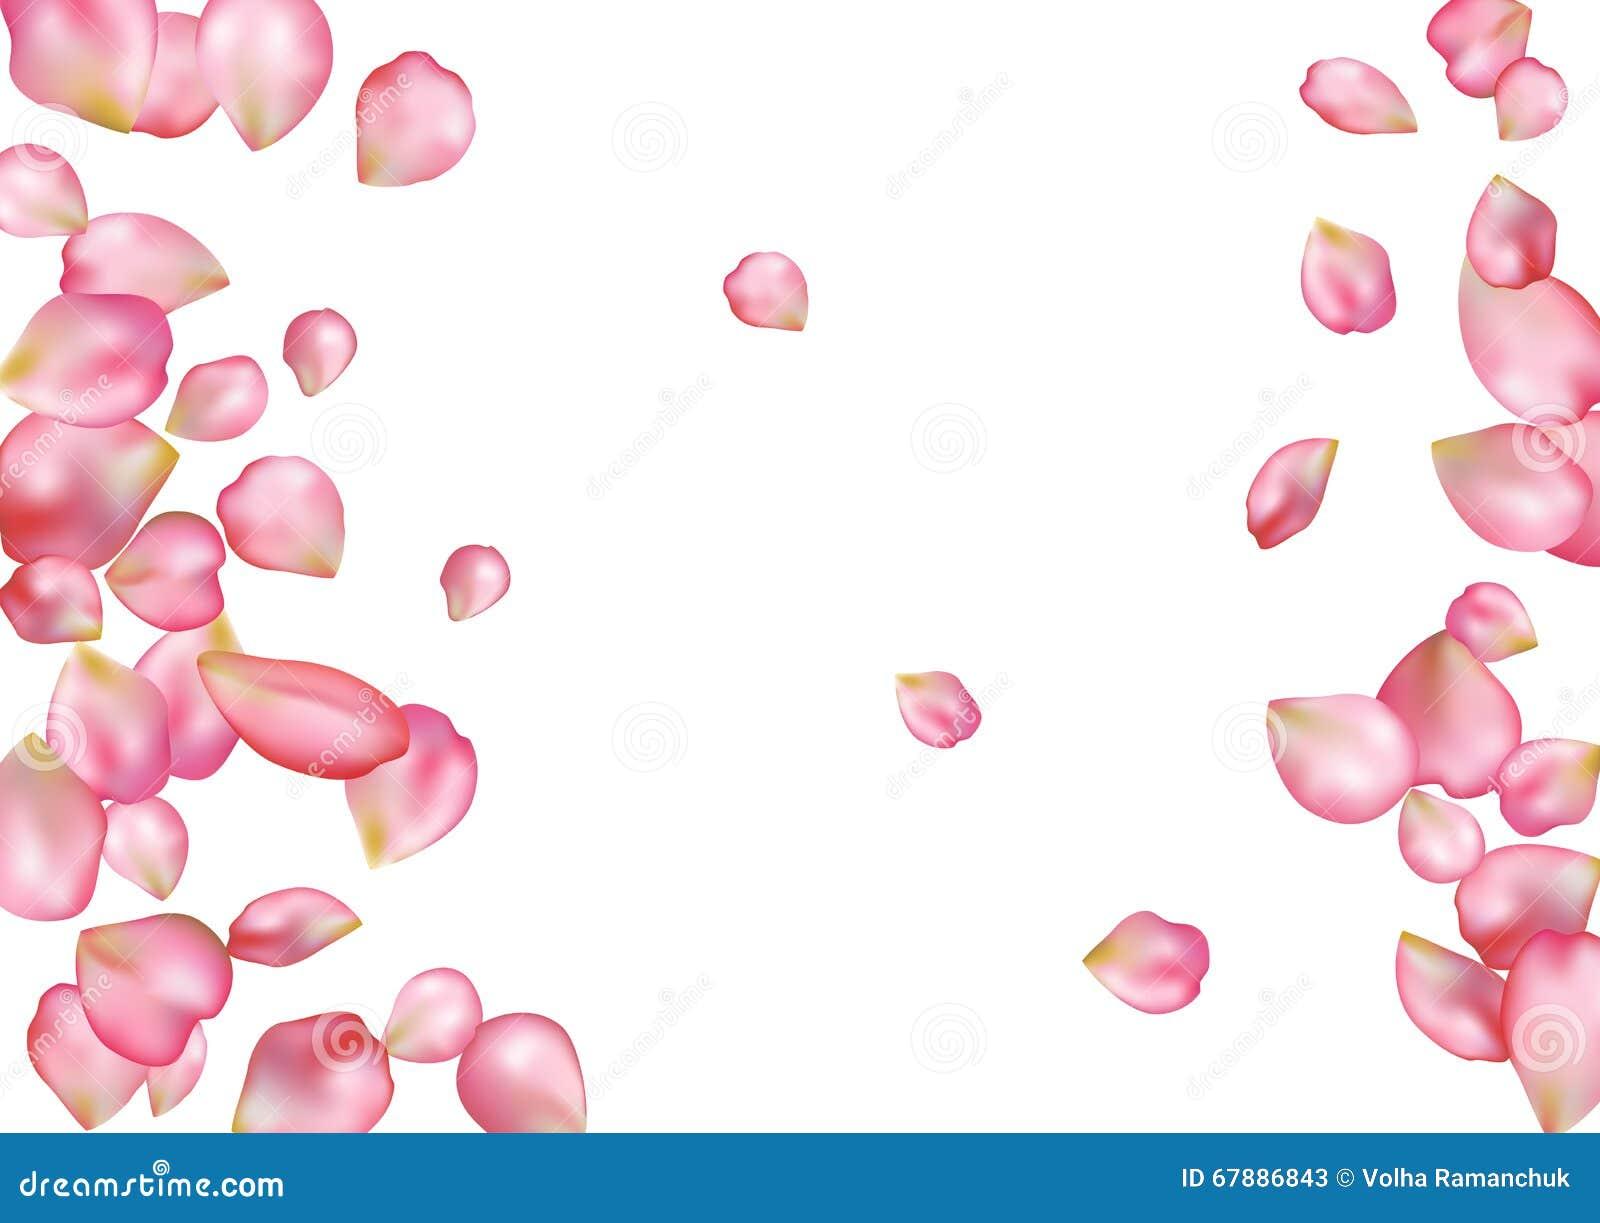 与飞行桃红色玫瑰花瓣的抽象背景